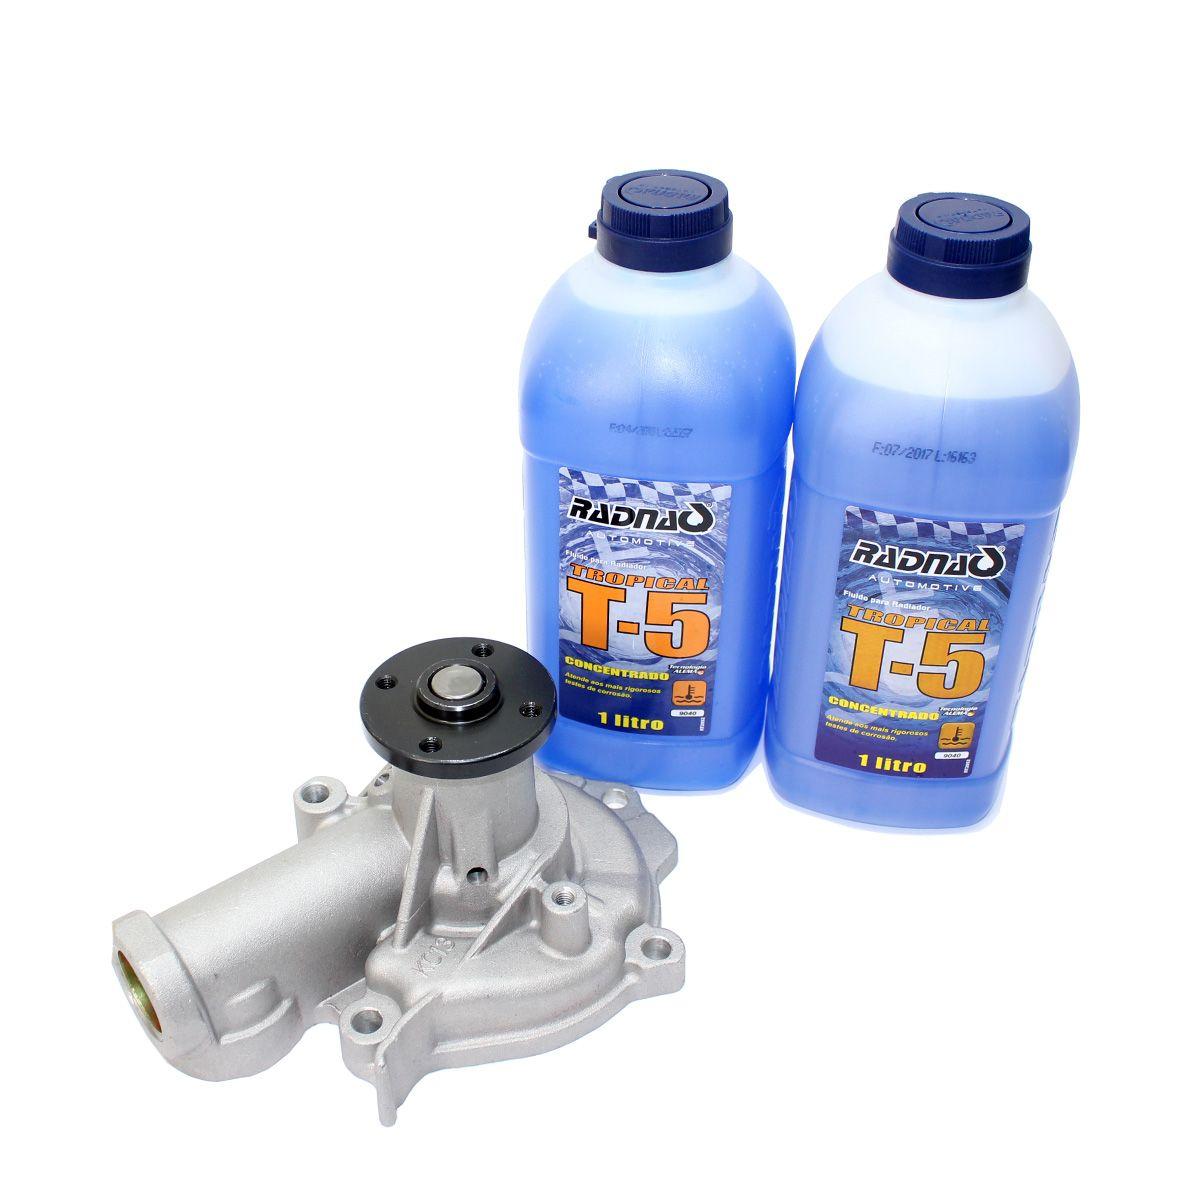 Bomba de água Jac J6 2.0 16V 2011 2012 2013 2014 2015 2016 Jac T6 2015 - 2016 + Aditivos para Radiador T5 Azul